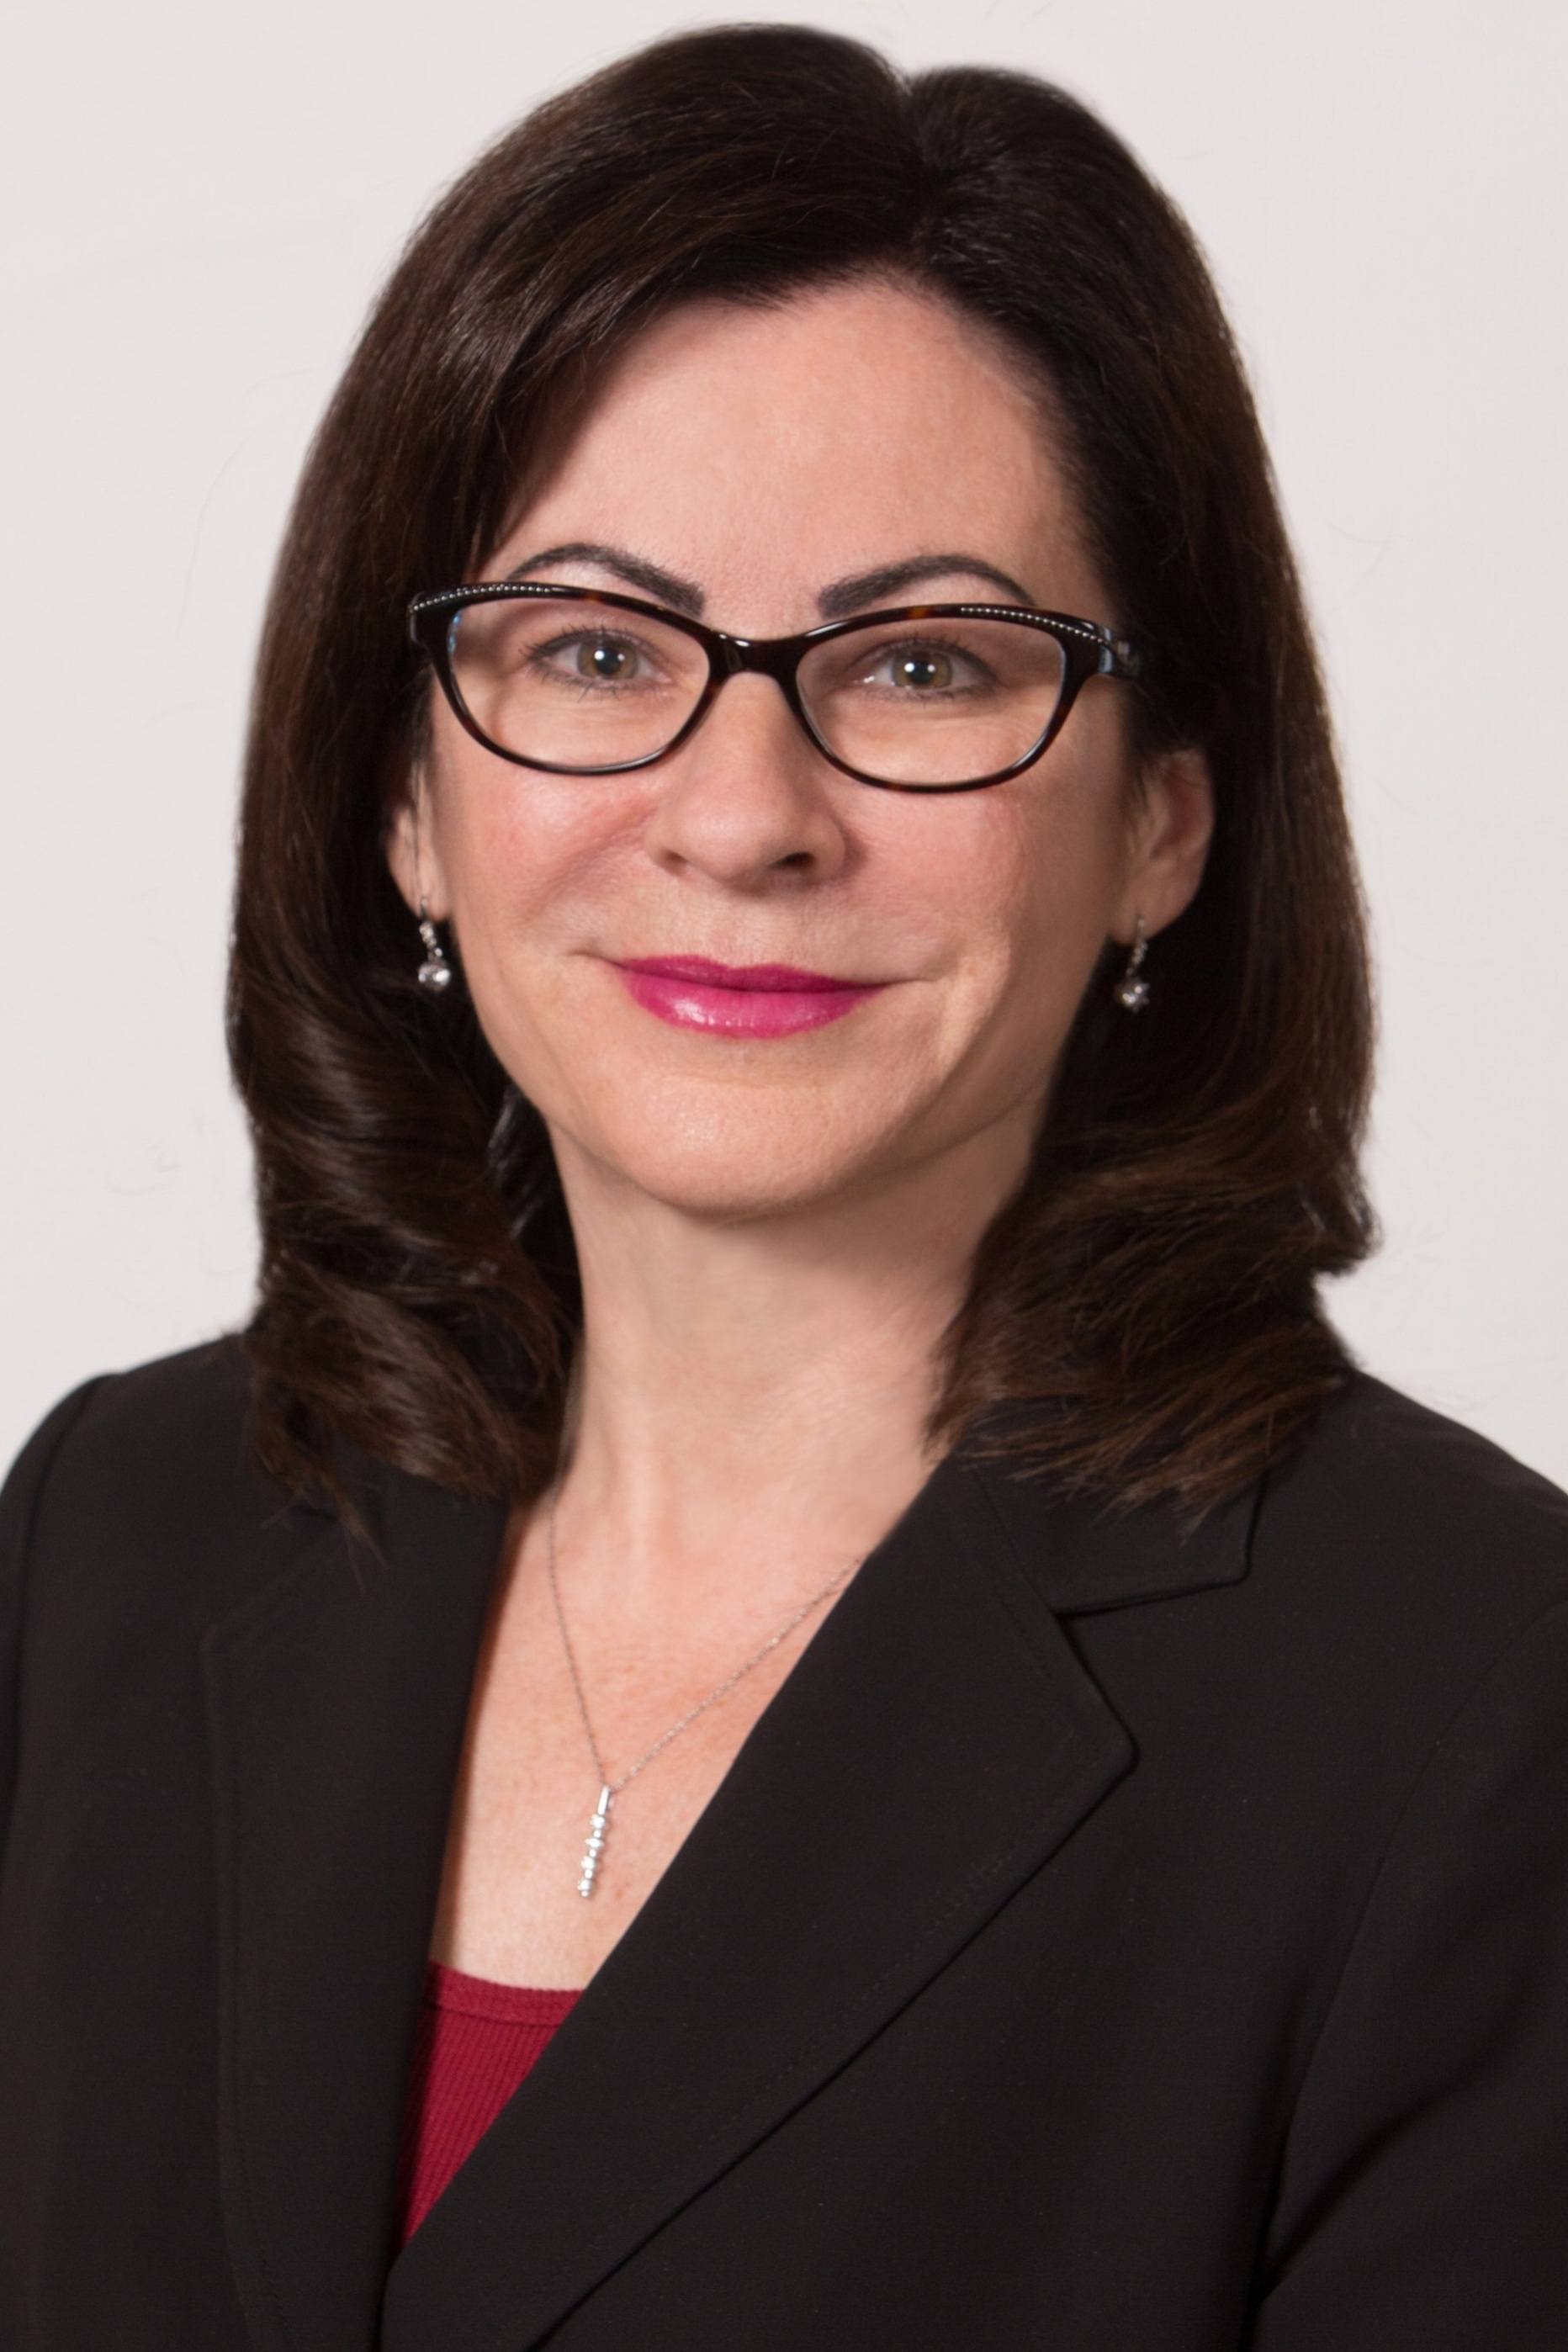 Maria Harrington